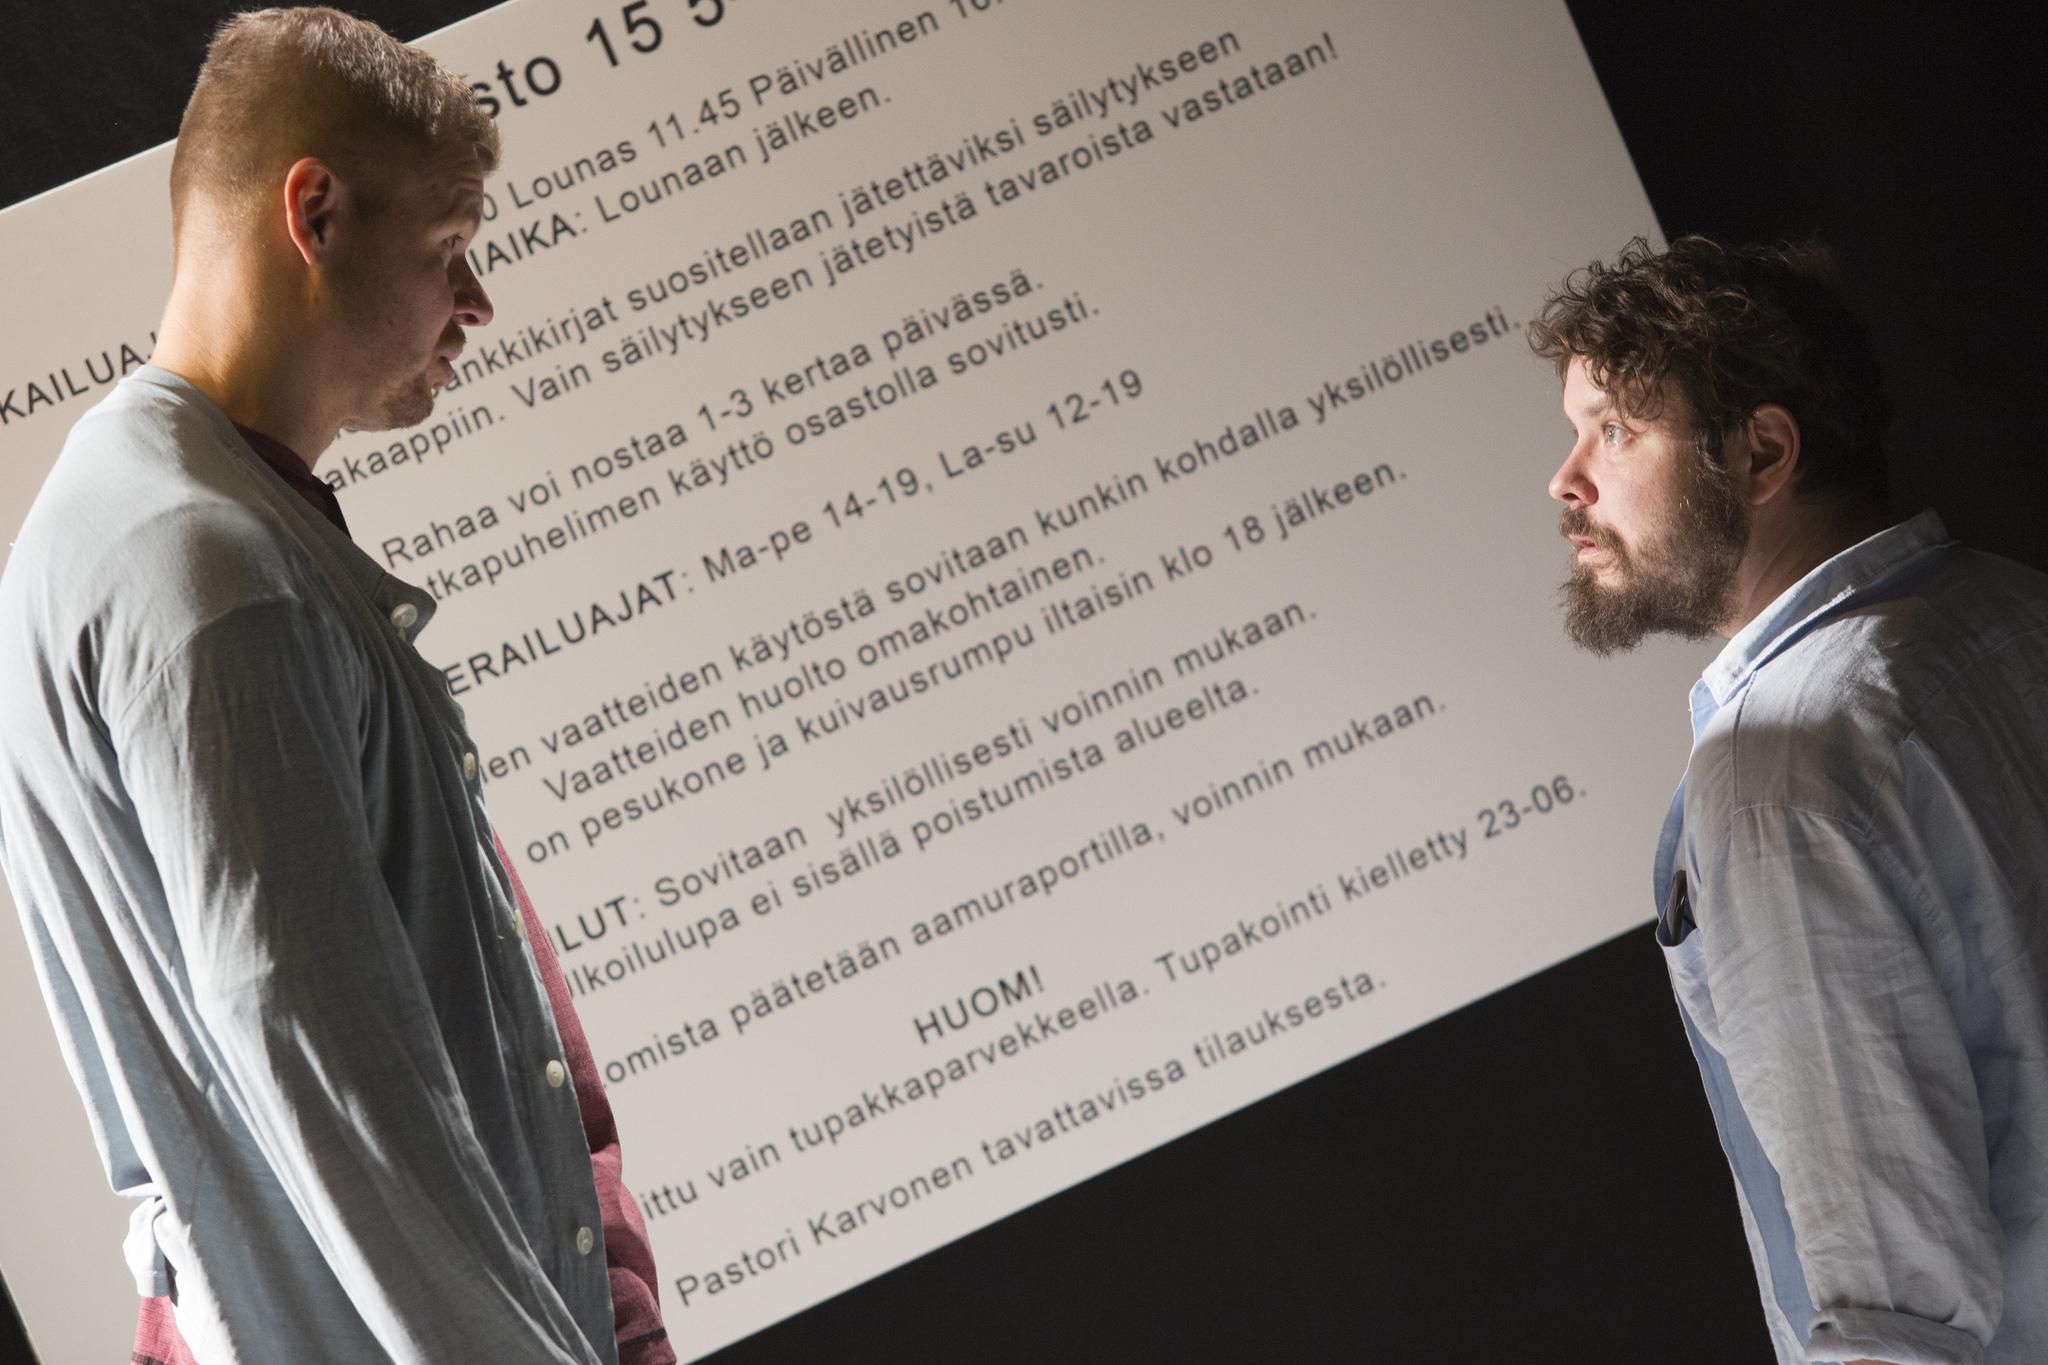 Hullu Teatterikesän pääohjelmistossa <h1> <h3>Teatterikesän esitykset käynnistävät Teatteri Telakan syyskauden